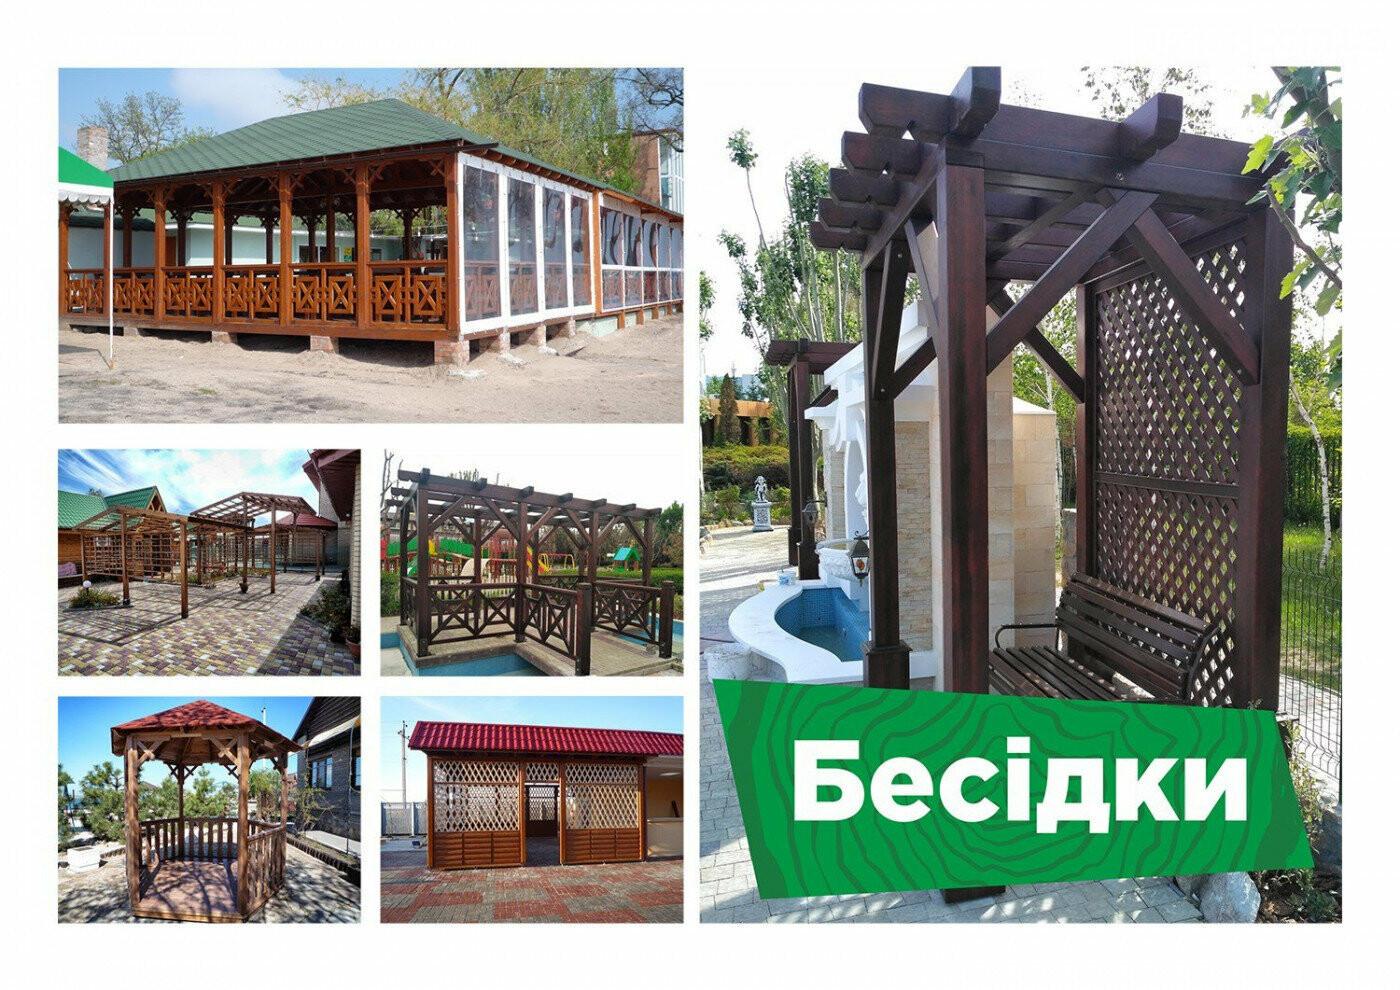 Лучший производитель деревянных изделий – компания Lesovik  , фото-1